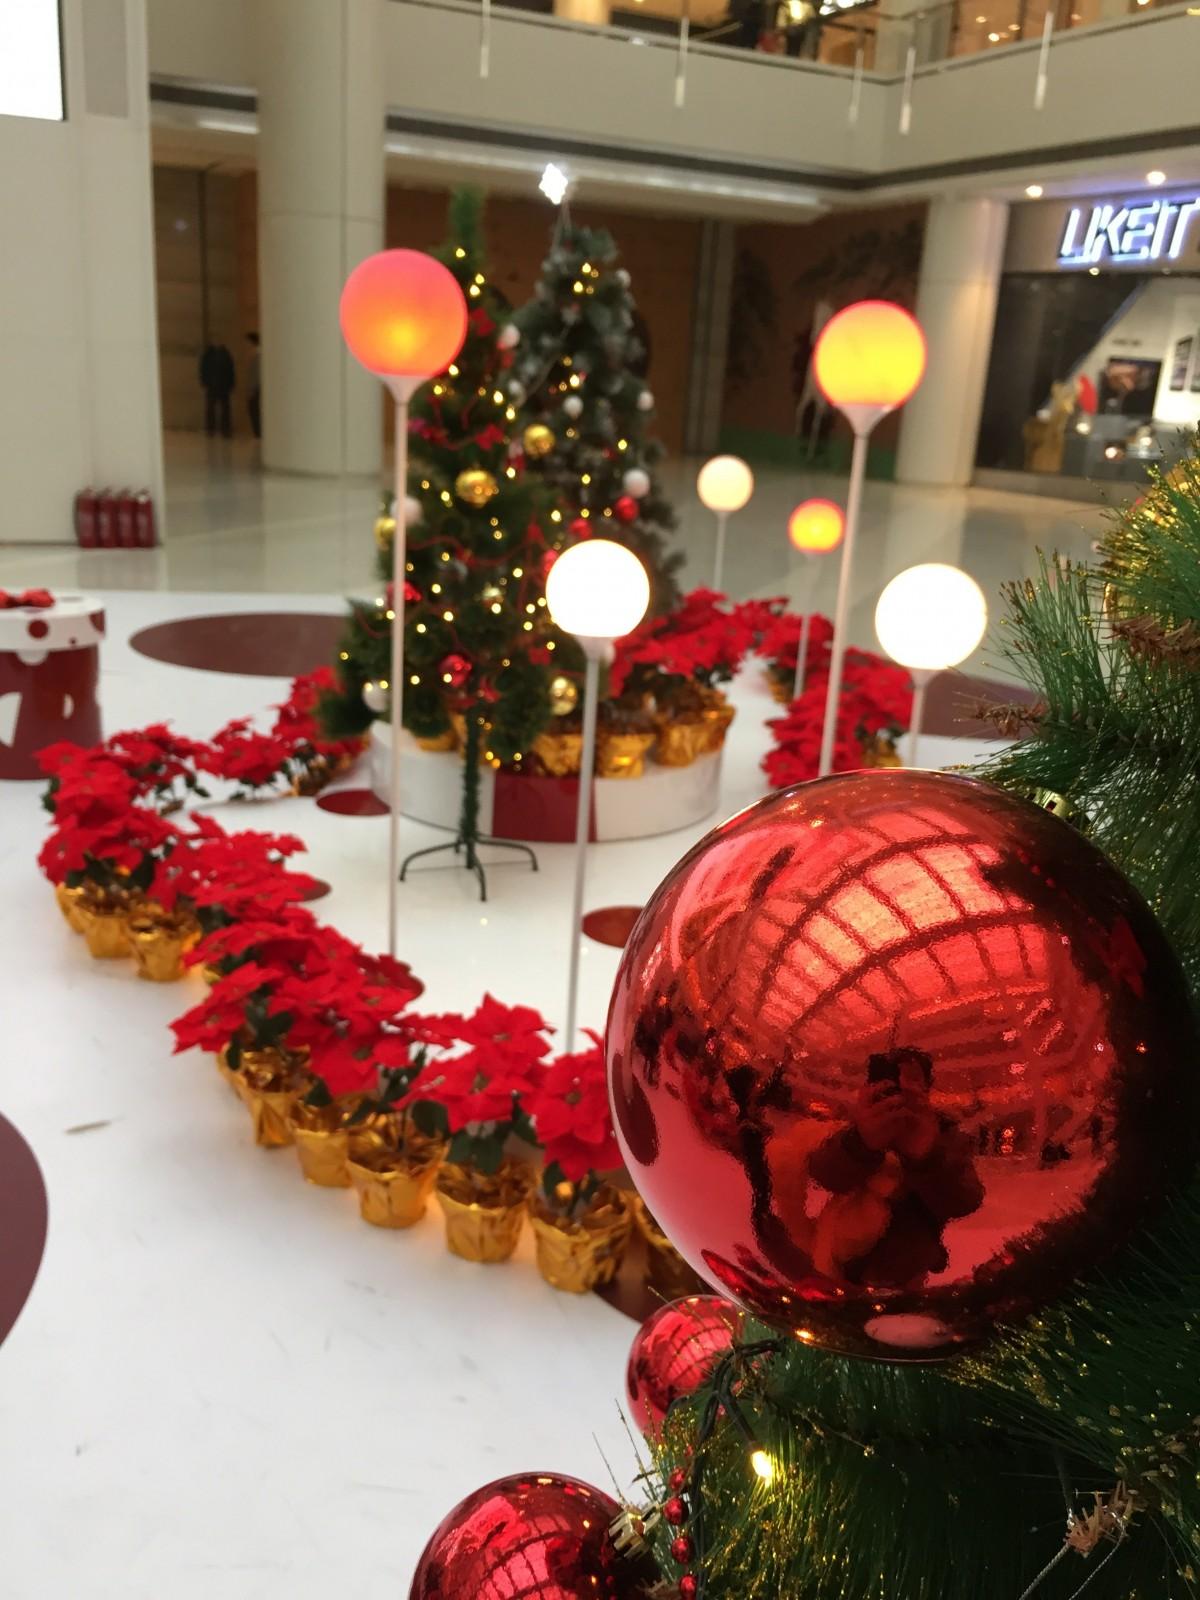 Fotos gratis planta flor plaza compras decoraci n for Decoracion para arboles navidenos